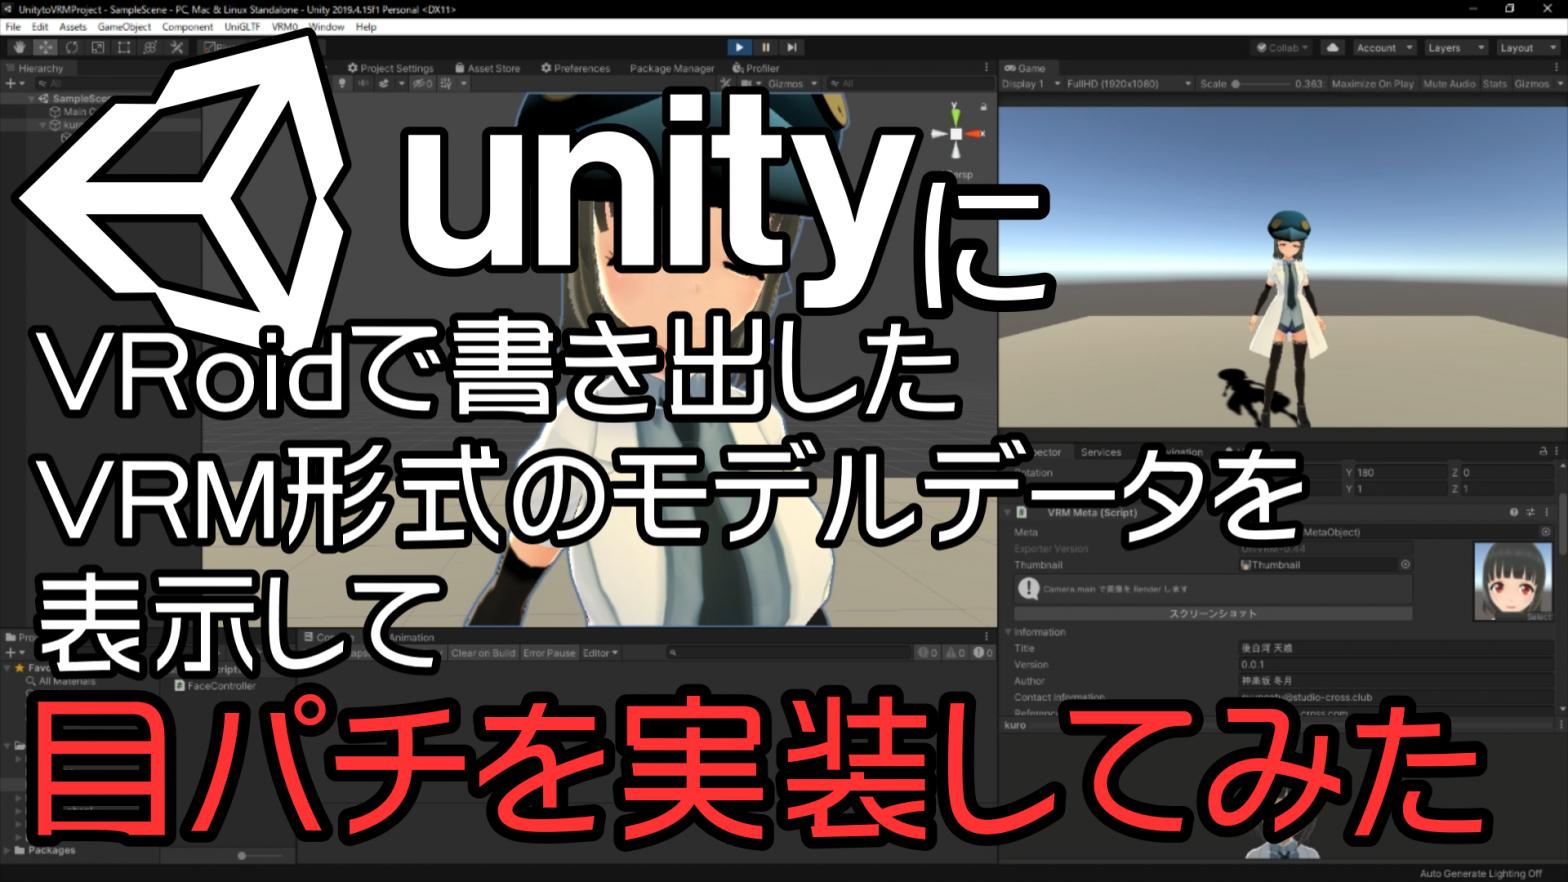 UnityにVRoidで作ったVRMのモデルデータを表示させて目パチさせてみた